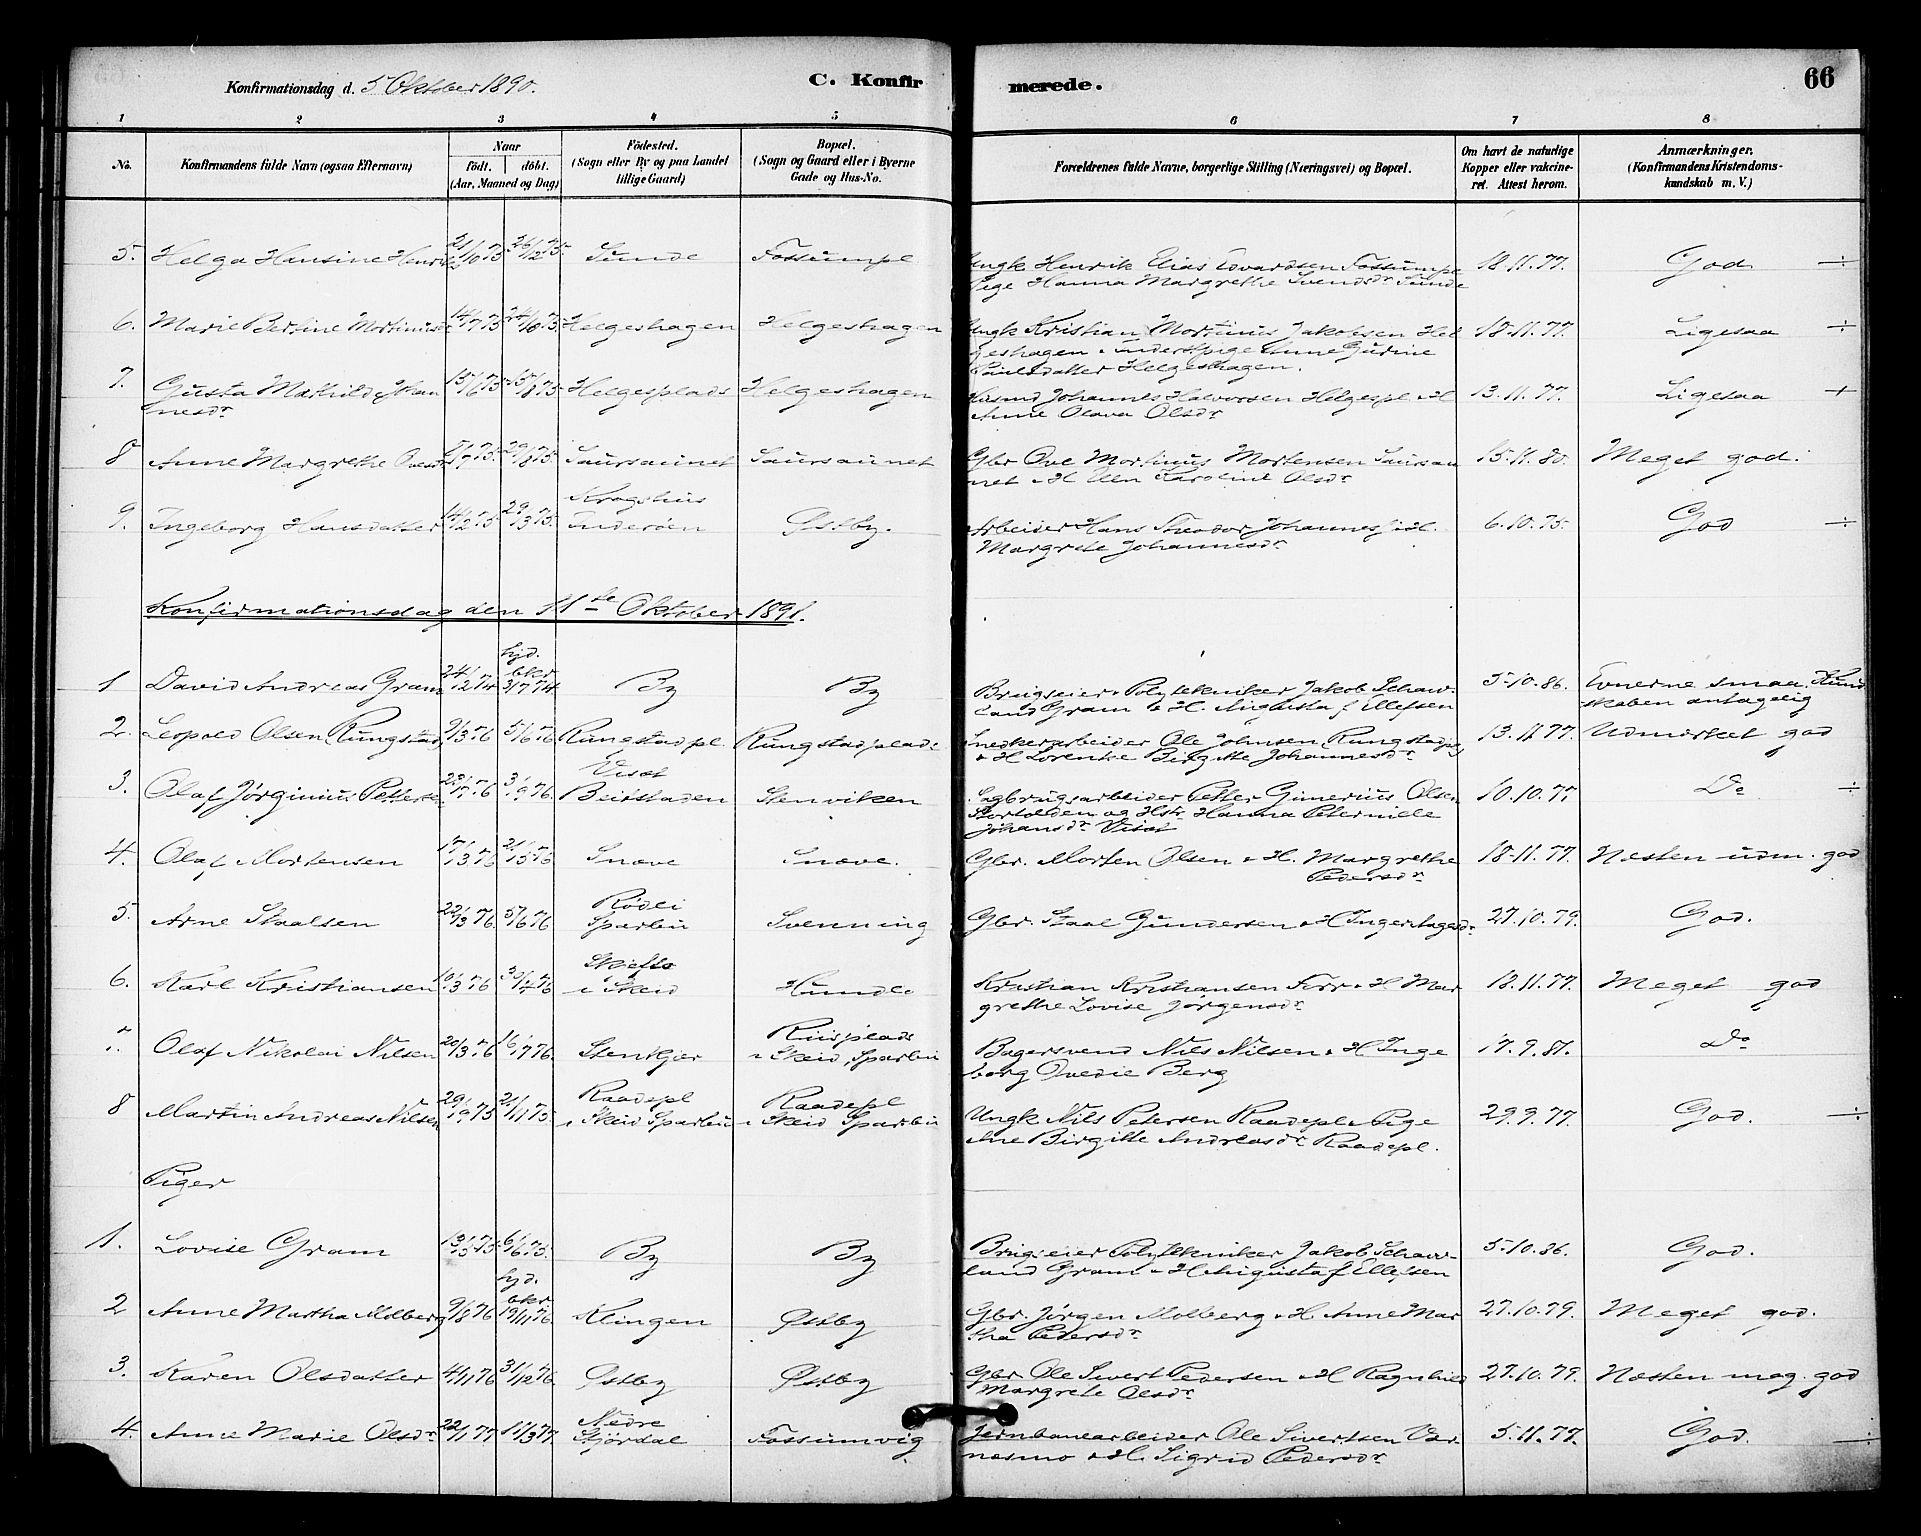 SAT, Ministerialprotokoller, klokkerbøker og fødselsregistre - Nord-Trøndelag, 740/L0378: Ministerialbok nr. 740A01, 1881-1895, s. 66